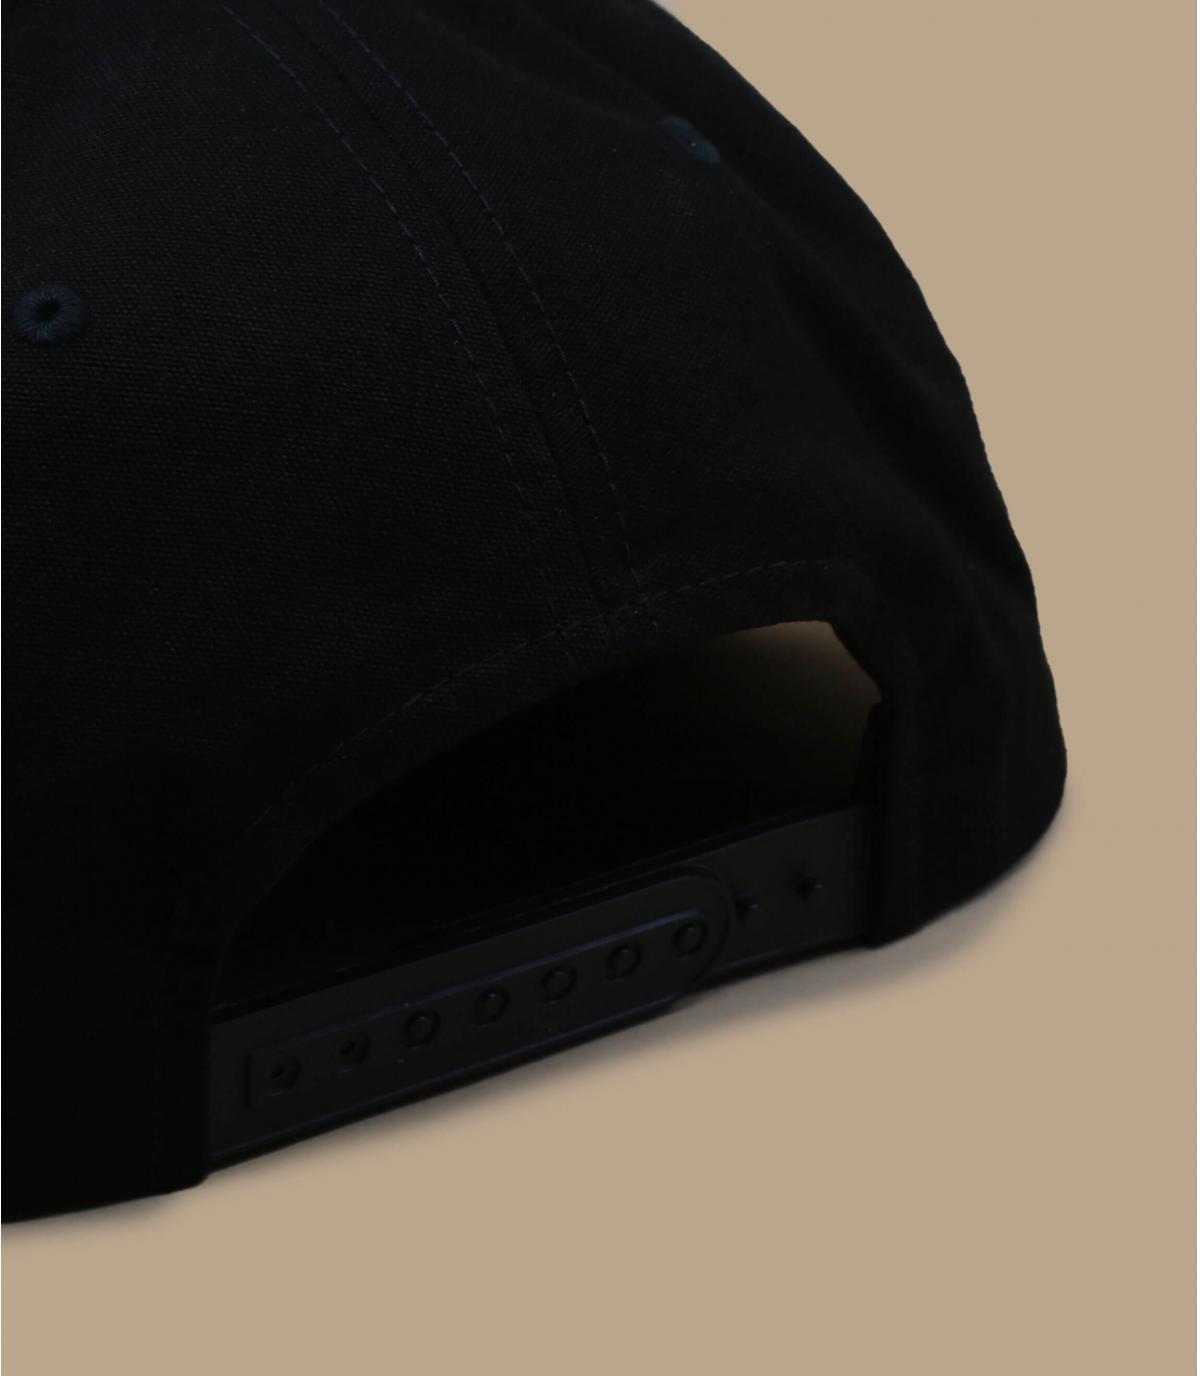 Details Quarter Fabric blackout - afbeeling 3